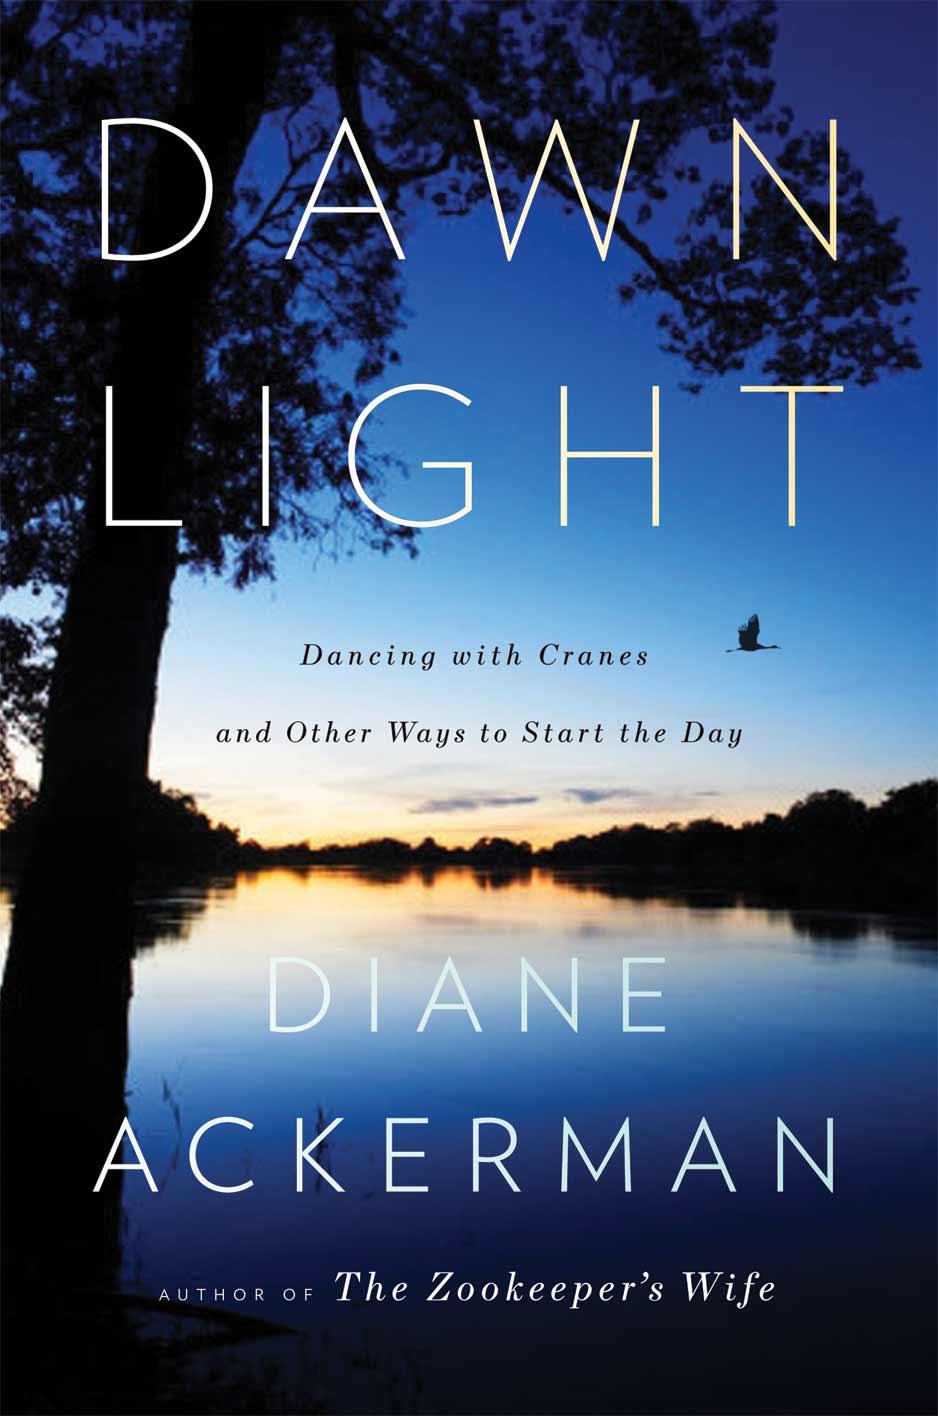 Dawn Light by Diane Ackerman